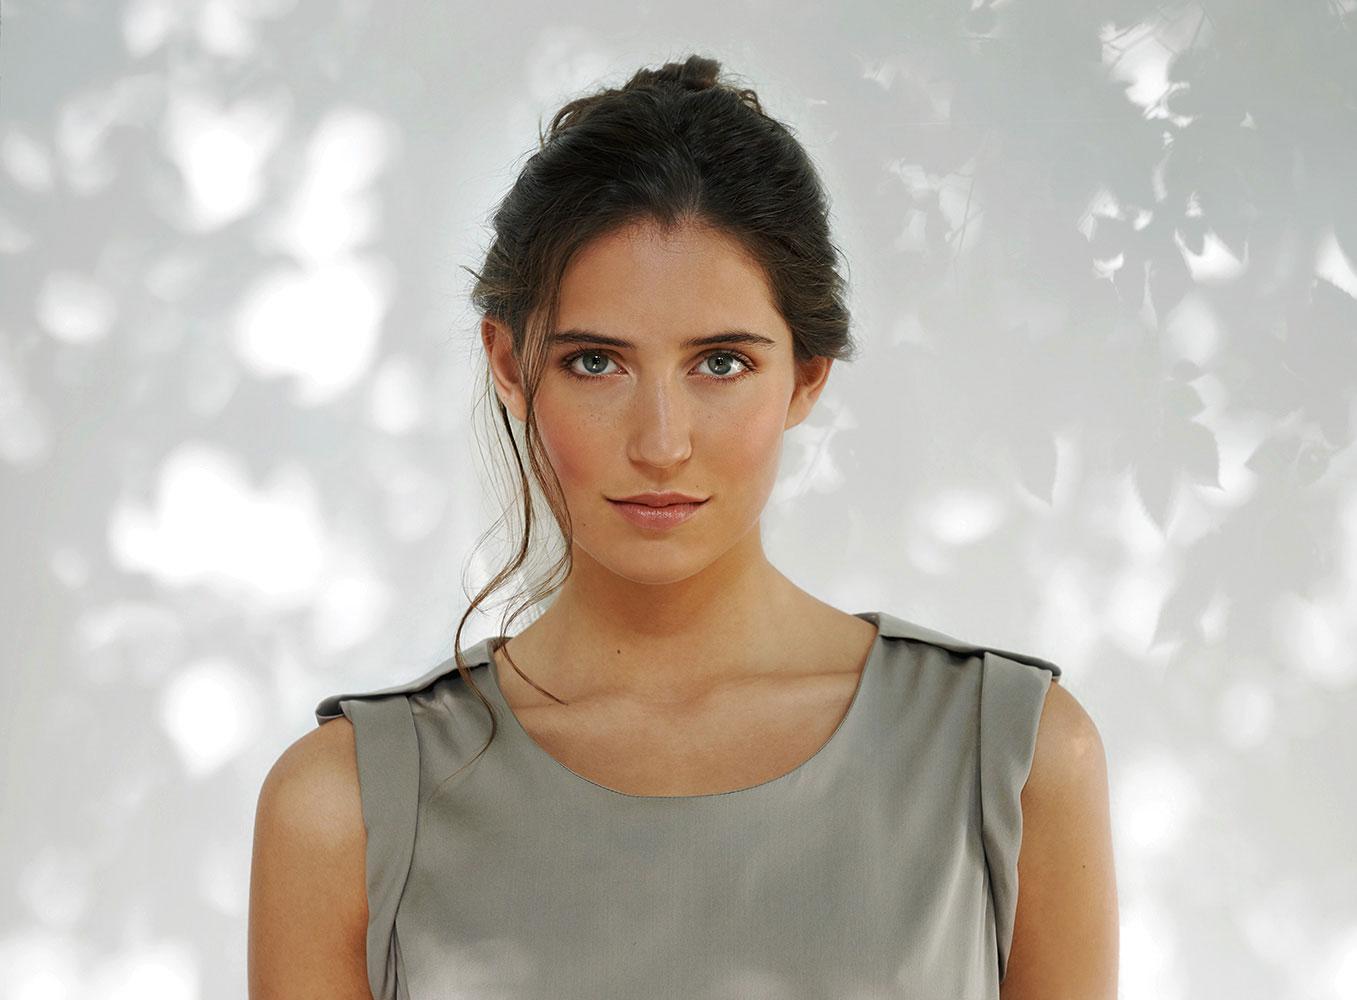 Simone Rosenberg